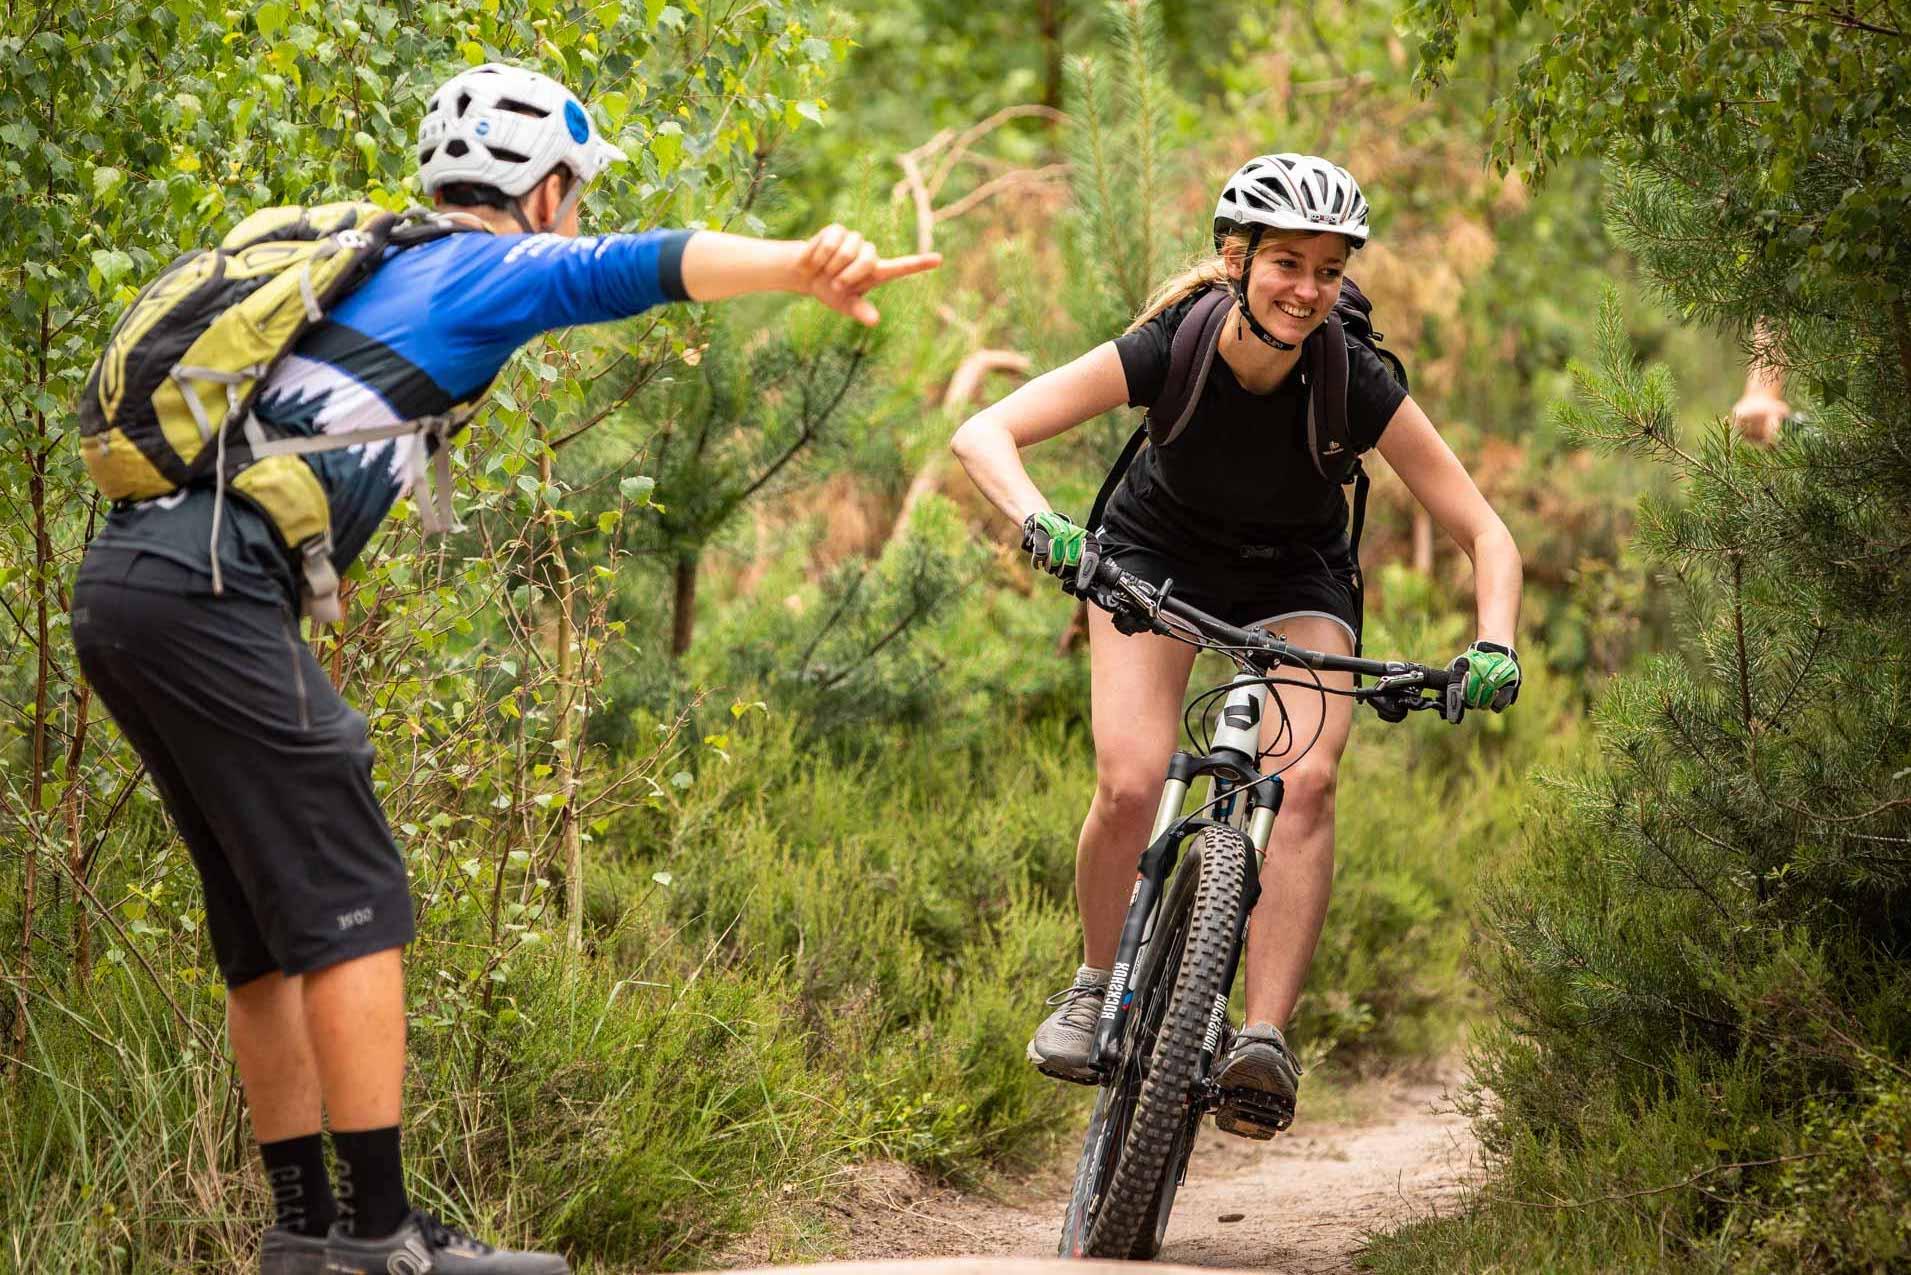 MTB Fahrtechnik Kurs für Einsteiger in Ravensburg - Mountainbike Basic - Rock my Trail Bikeschule